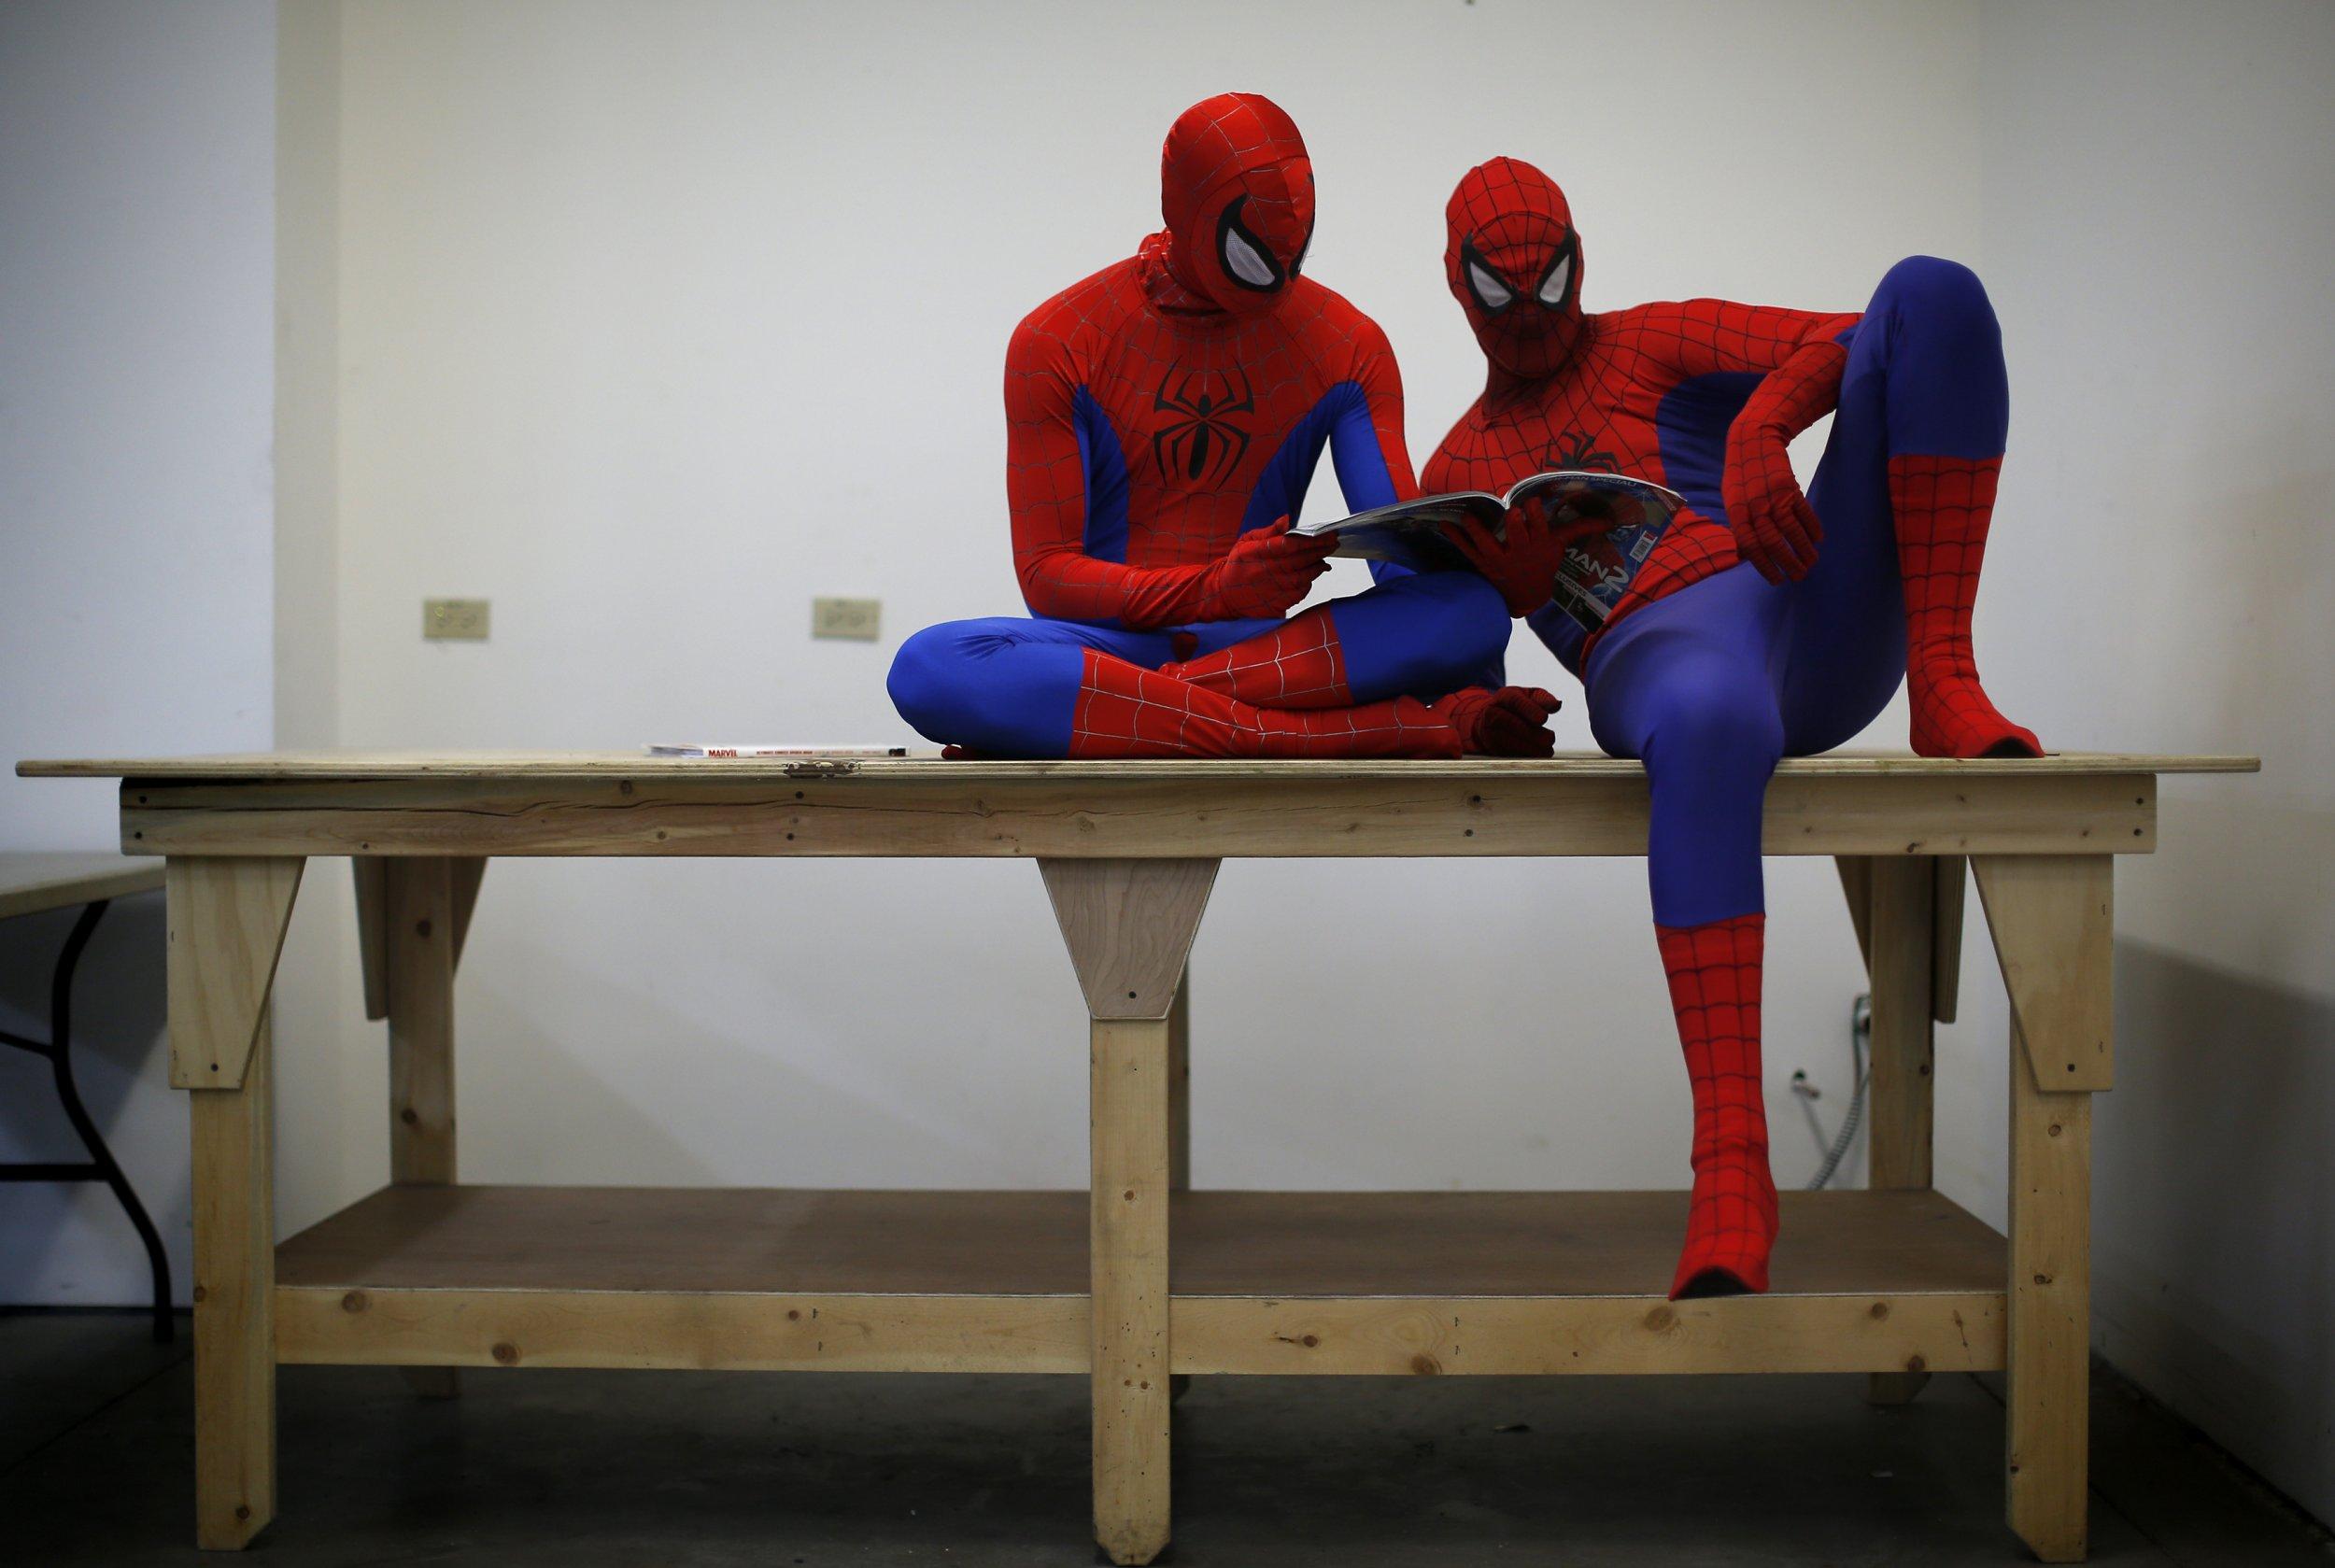 2 spidermen